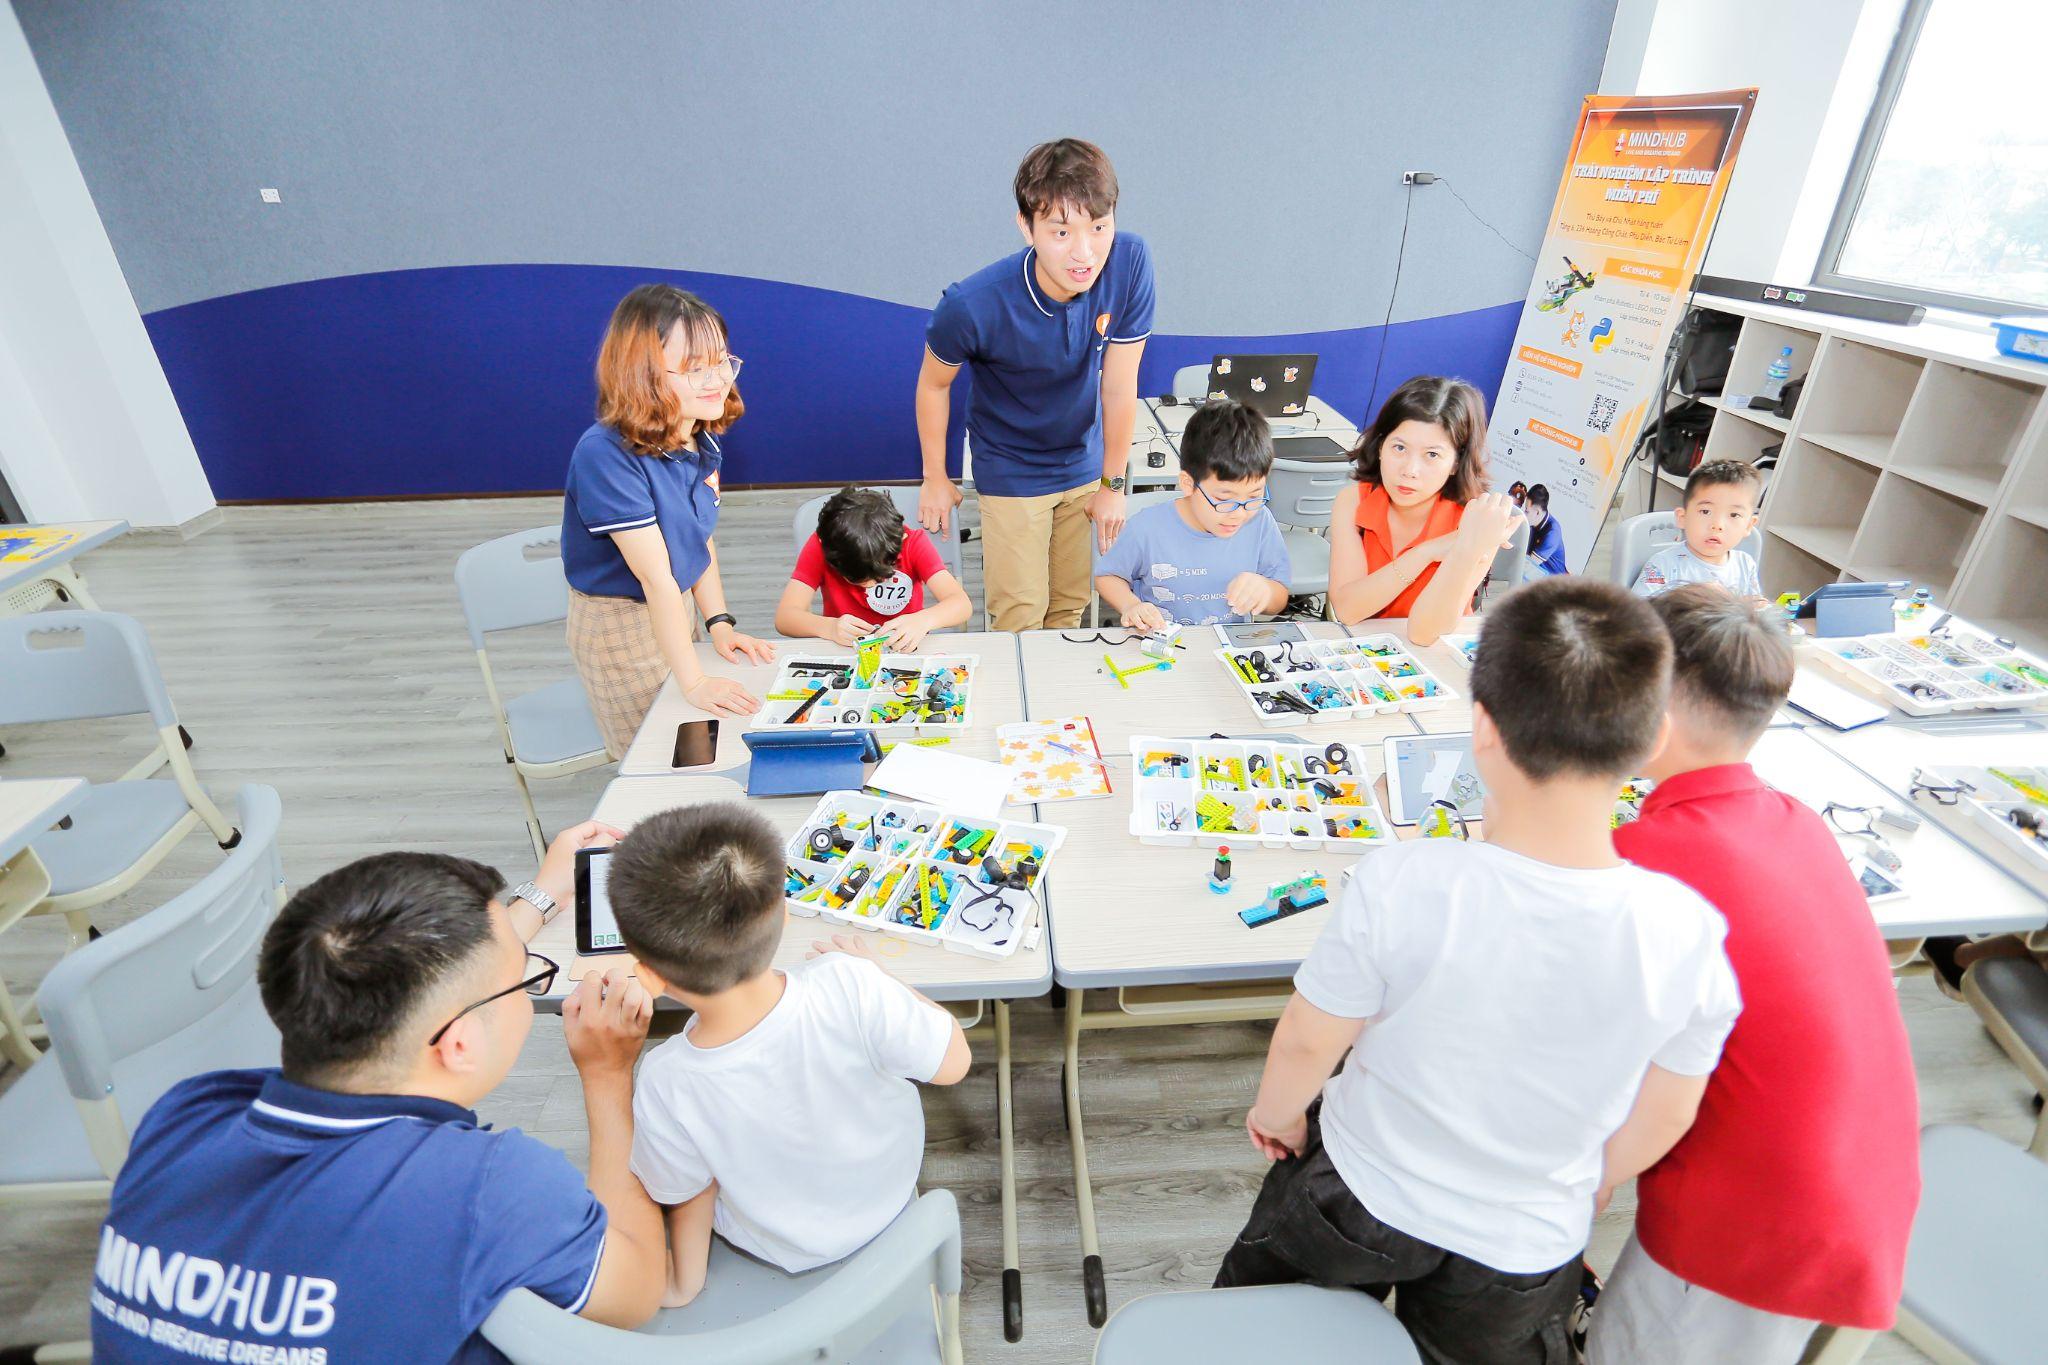 Từ Robot trợ lý đến mục tiêu phát triển tư duy lập trình của thế hệ học sinh Sunshine Maple Bear - Ảnh 2.